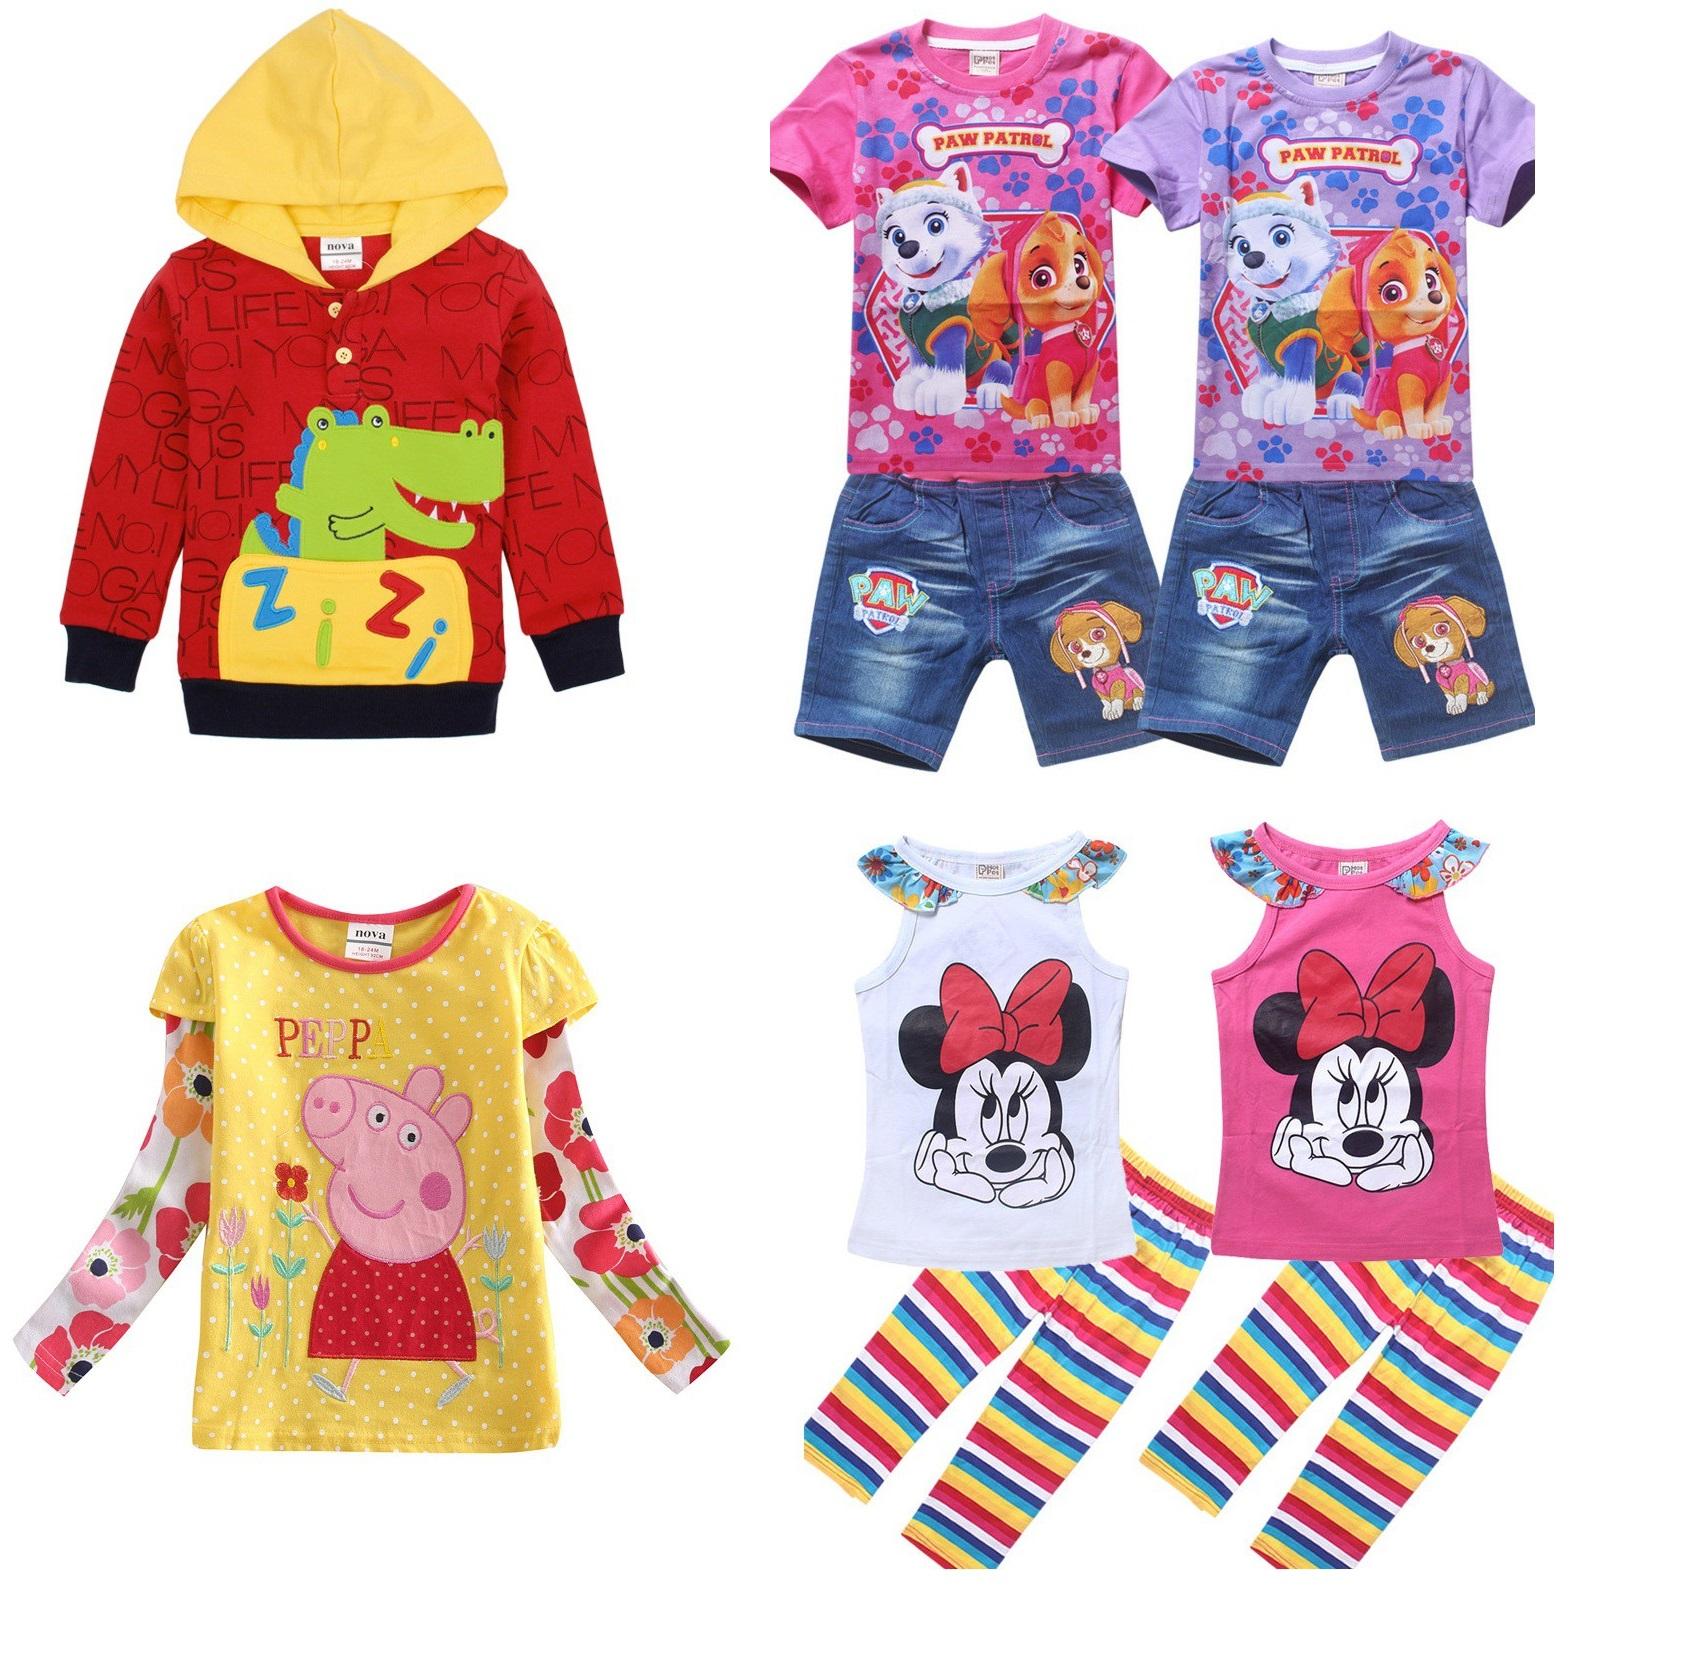 Рекомендую! Самая полная коллекция ТМ Nova! Одежда из мультиков Щенячий Патруль, Поли Робокар, свинка Пеппа. Яркая одежда для мальчиков и девочек!